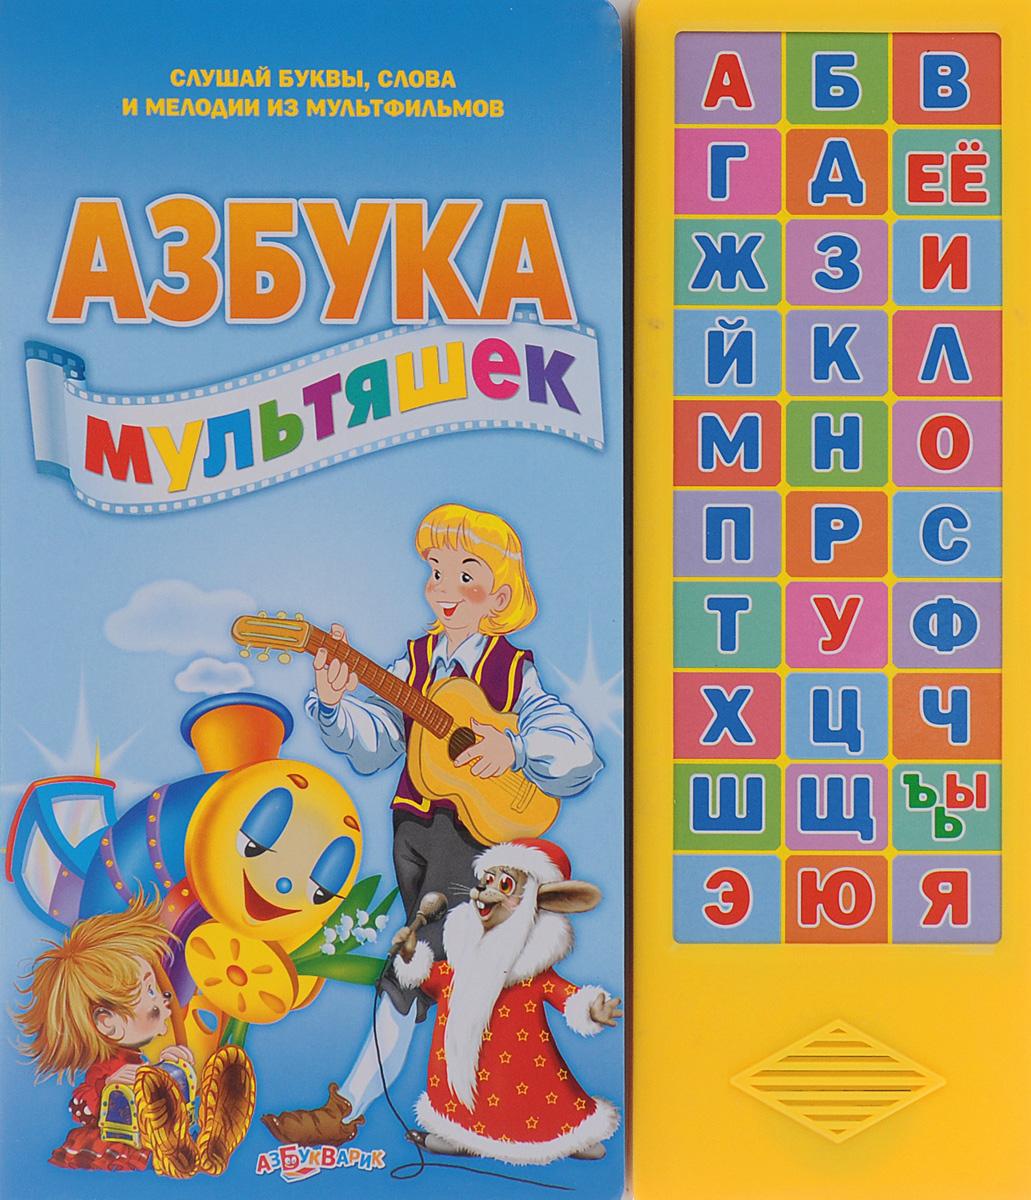 Азбука мультяшек. Книжка-игрушка12296407Как здорово учить алфавит вместе с героями любимых мультфильмов! Они ждут малыша на каждой страничке удивительной красочной азбуки. А ещё эта книжка - говорящая и музыкальная! Стоит малышу нажать на кнопку - и он услышит букву, слово и забавную мелодию из мультфильма. Так ребёнок будет получать новые знания без помощи взрослых.